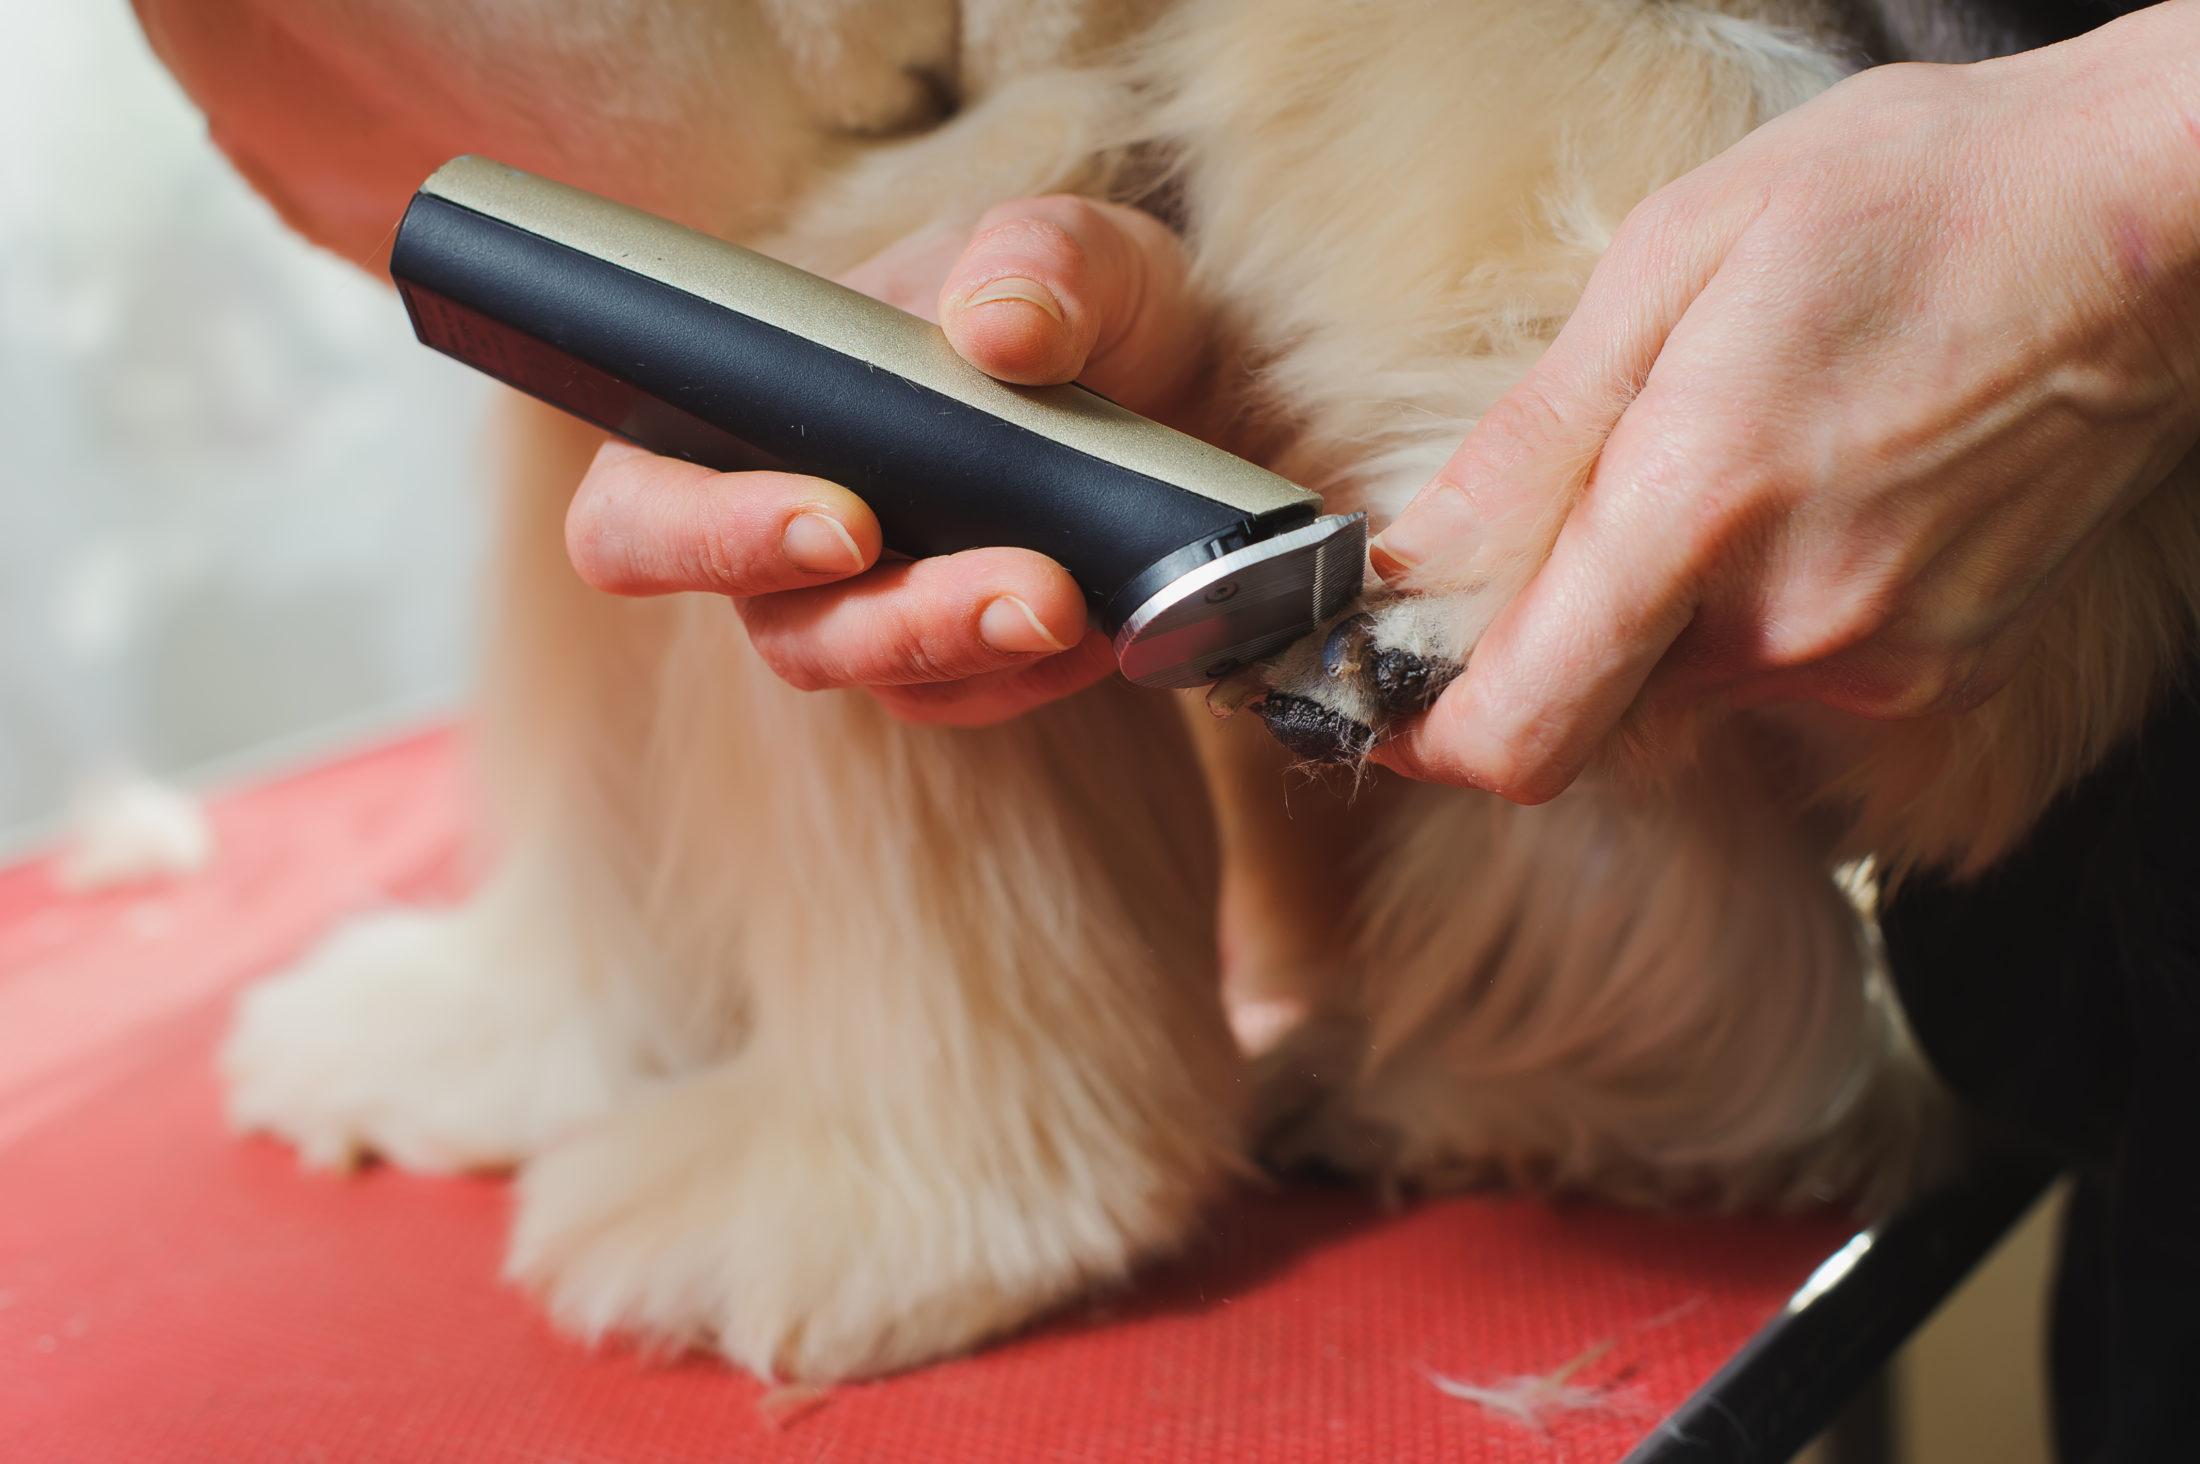 aparando pelos e unhas do cachorro em tempos de corona vírus